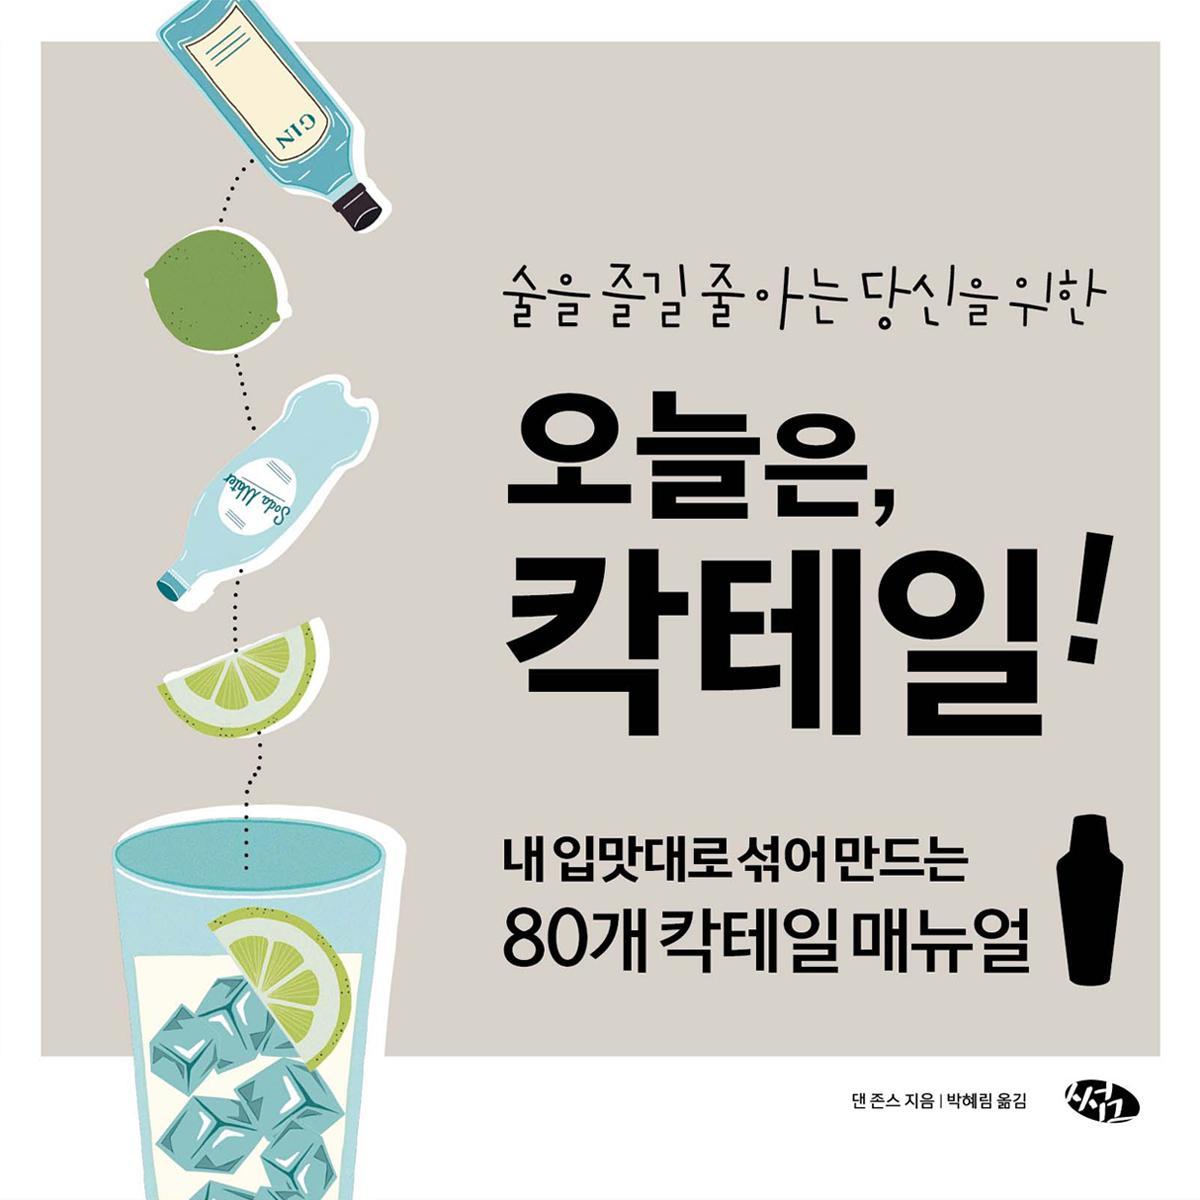 [RT이벤트]어떤 날은 달콤하면서 쌉쌀하게, 또 어떤 날엔 상큼하고도 묵직한 한 잔을 내 입맛대로 직접 만들어 마시는 재미! <오늘은, 칵테일> ▶ http://t.co/6tqmfHpE87 http://t.co/lzgZKJWPdS